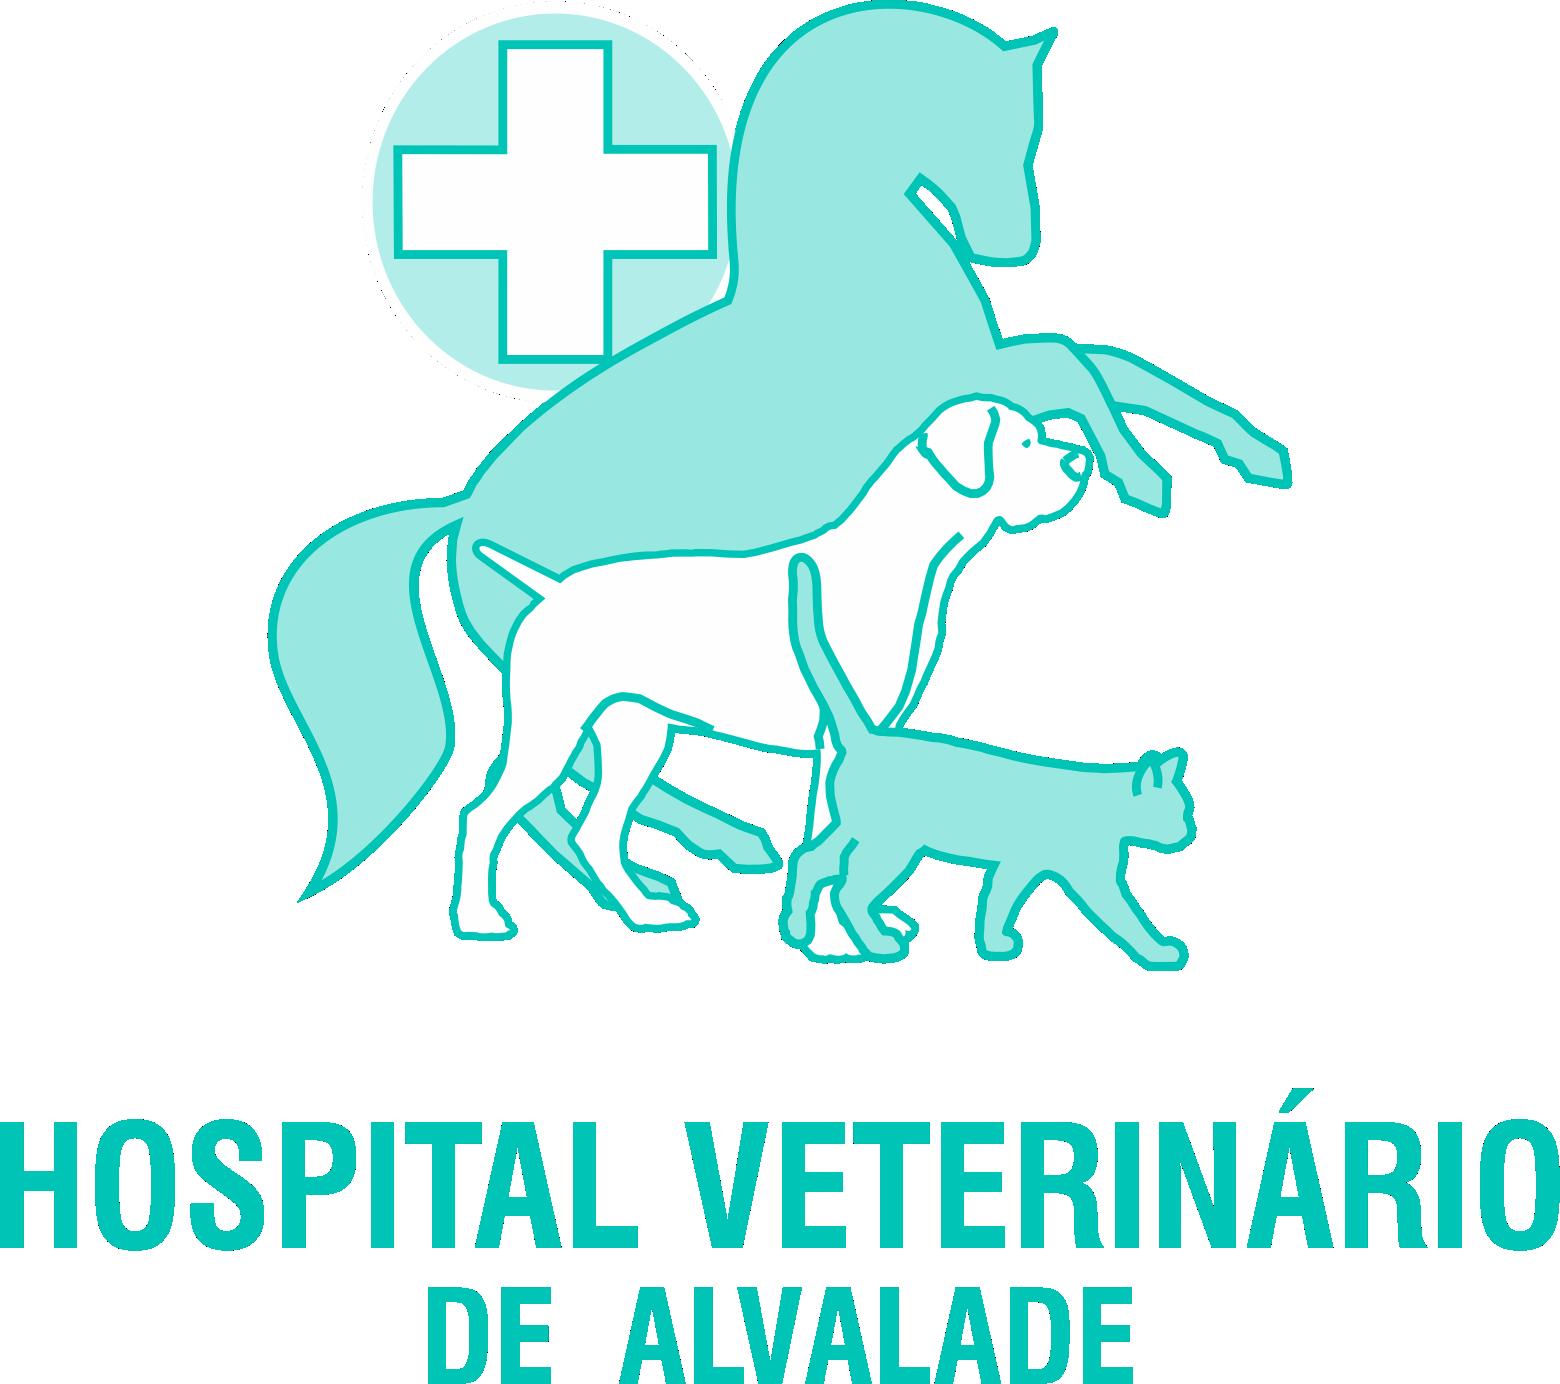 Logo do Hospital Veterinário de Alvalade